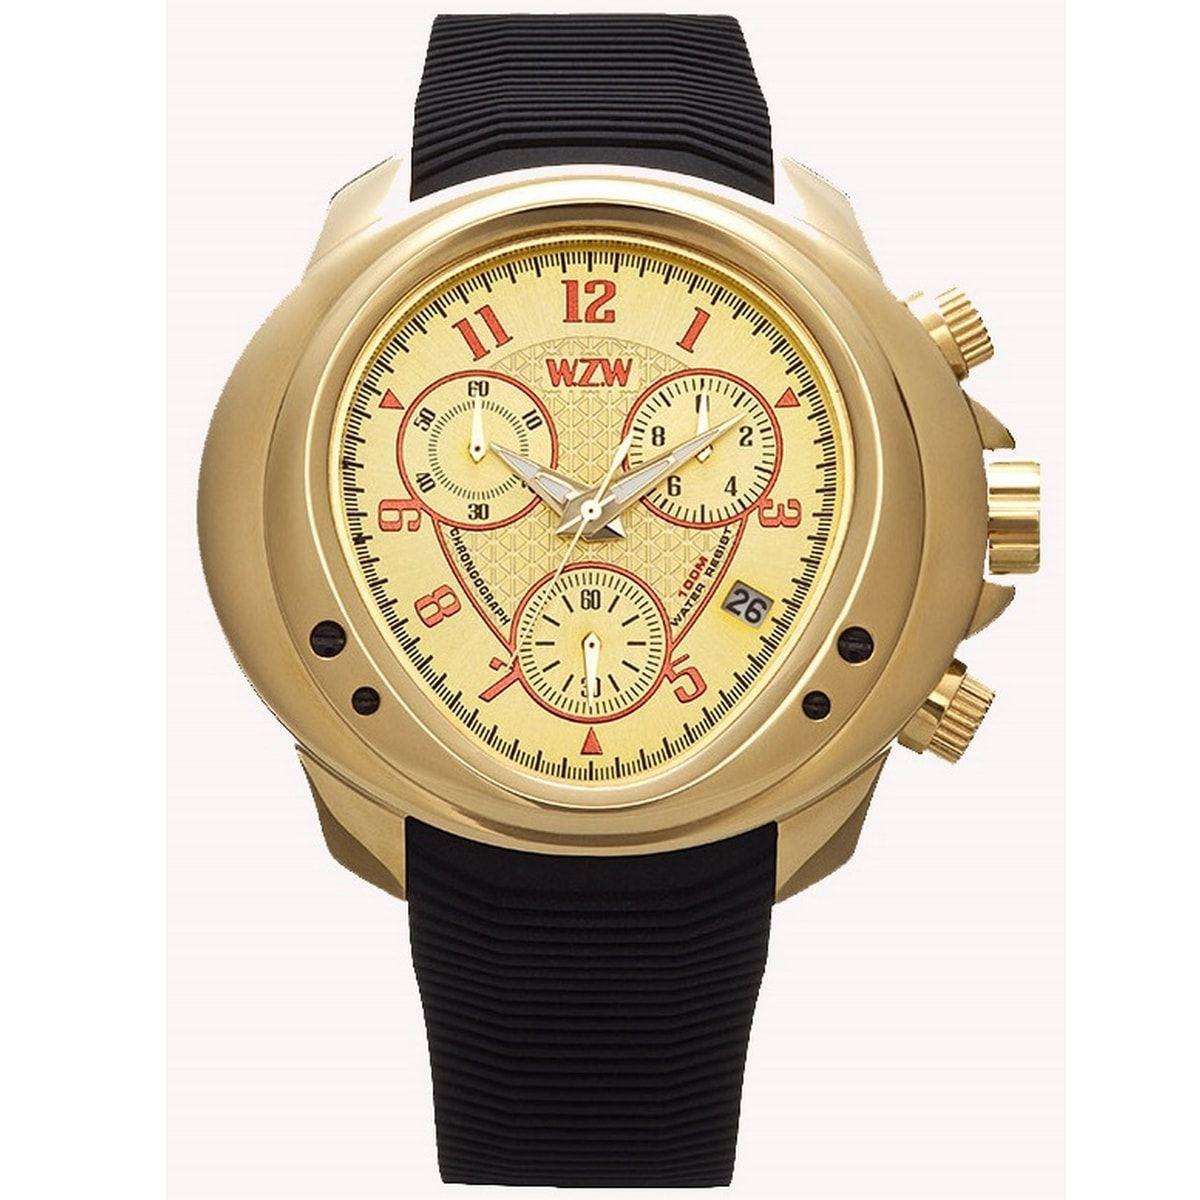 Relógio W.Z.W Masculino Cronógrafo Borracha Preto Big Case Esportivo WZW-7202